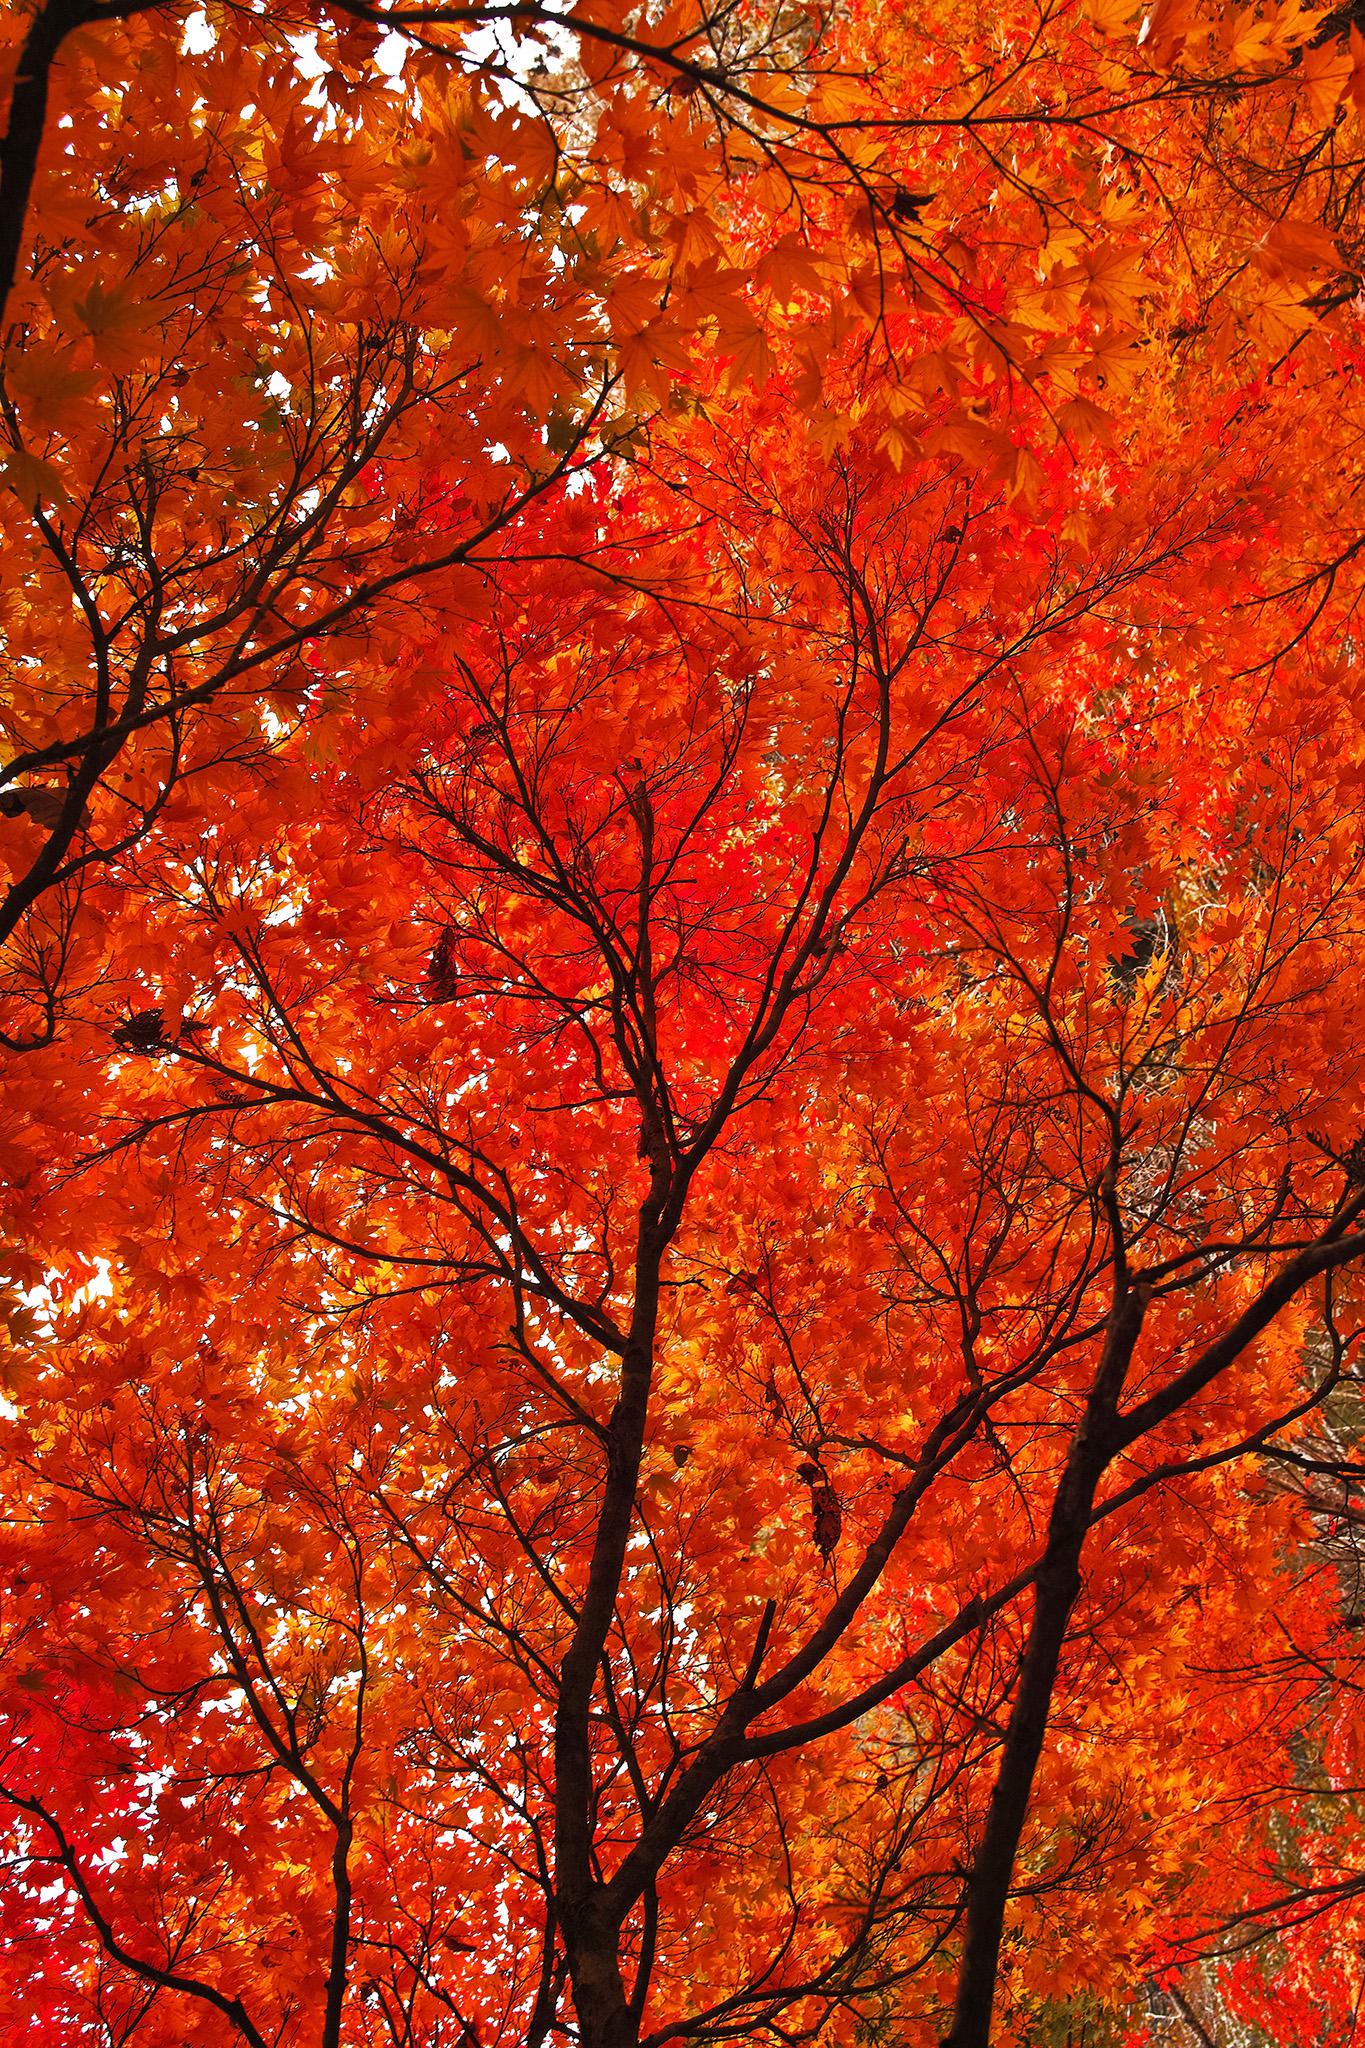 「真赤な紅葉の背景」の画像を無料ダウンロード